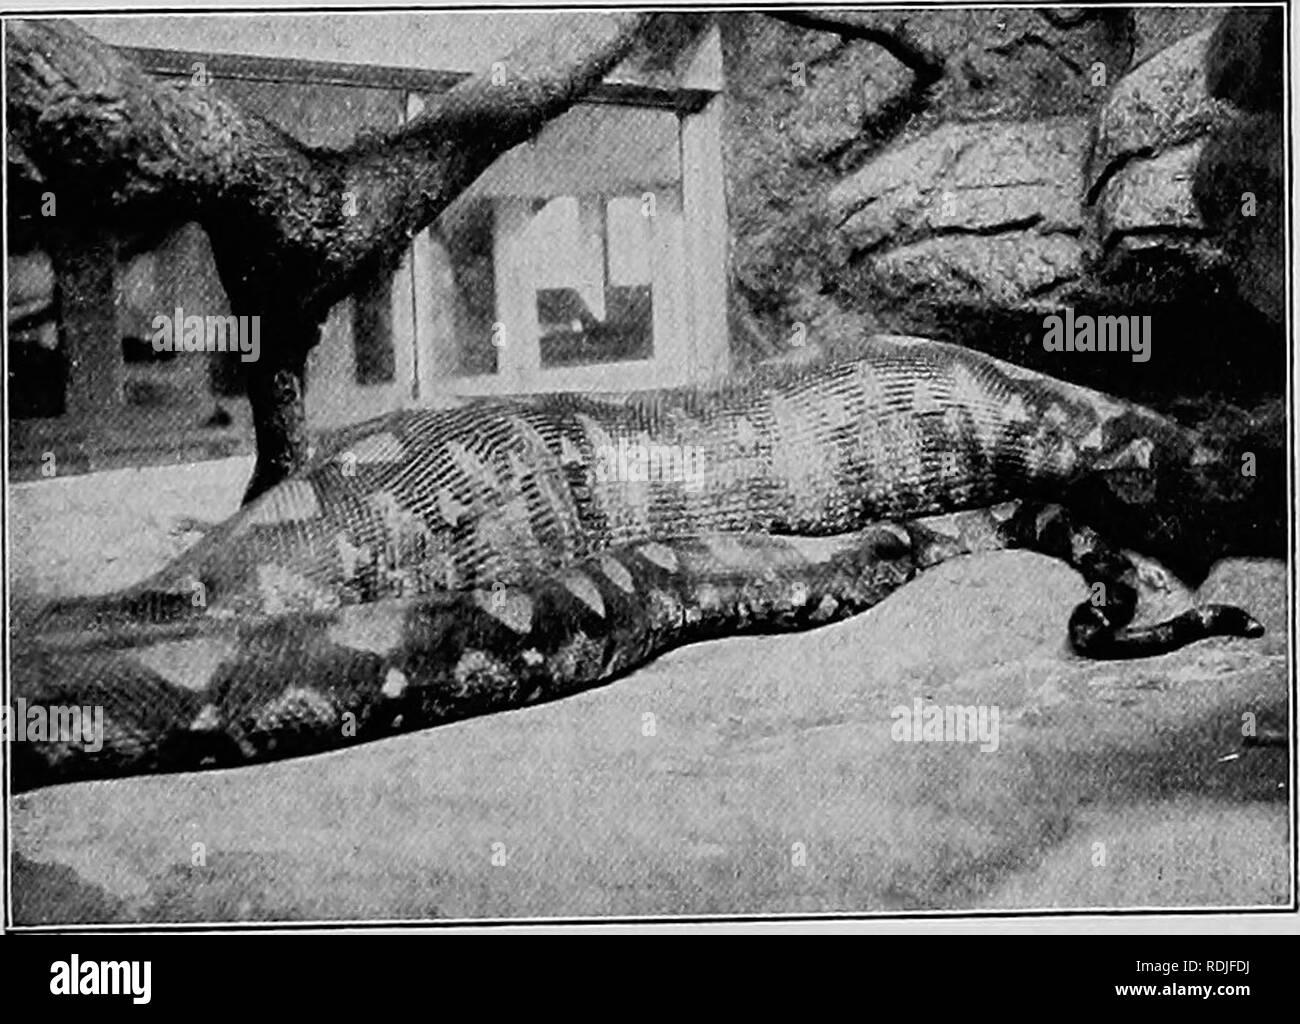 . Bestie & uomini; essendo le esperienze per mezzo secolo tra animali selvatici;. Animali. Rettili IN CATTIVITÀ 179 trattare grosse prede non ho alcun dubbio sul fatto che un full-cresciute Borneo python potrebbe facilmente inghiottire un uomo. Qualsiasi serpente di da diciotto a venti piedi lungo è abbastanza forte da schiacciare un uomo a morte se solo si può ottenere lui correttamente racchiuso nelle sue spire. Alcuni anni fa una polemica iniziata nel i giornali inglesi come a quale lunghezza serpenti potrebbe correre a. È stato affermato che vi erano tipi che ha raggiunto i trenta o quaranta piedi e un viaggiatore offerto per produrre uno a sostegno del suo sta Immagini Stock